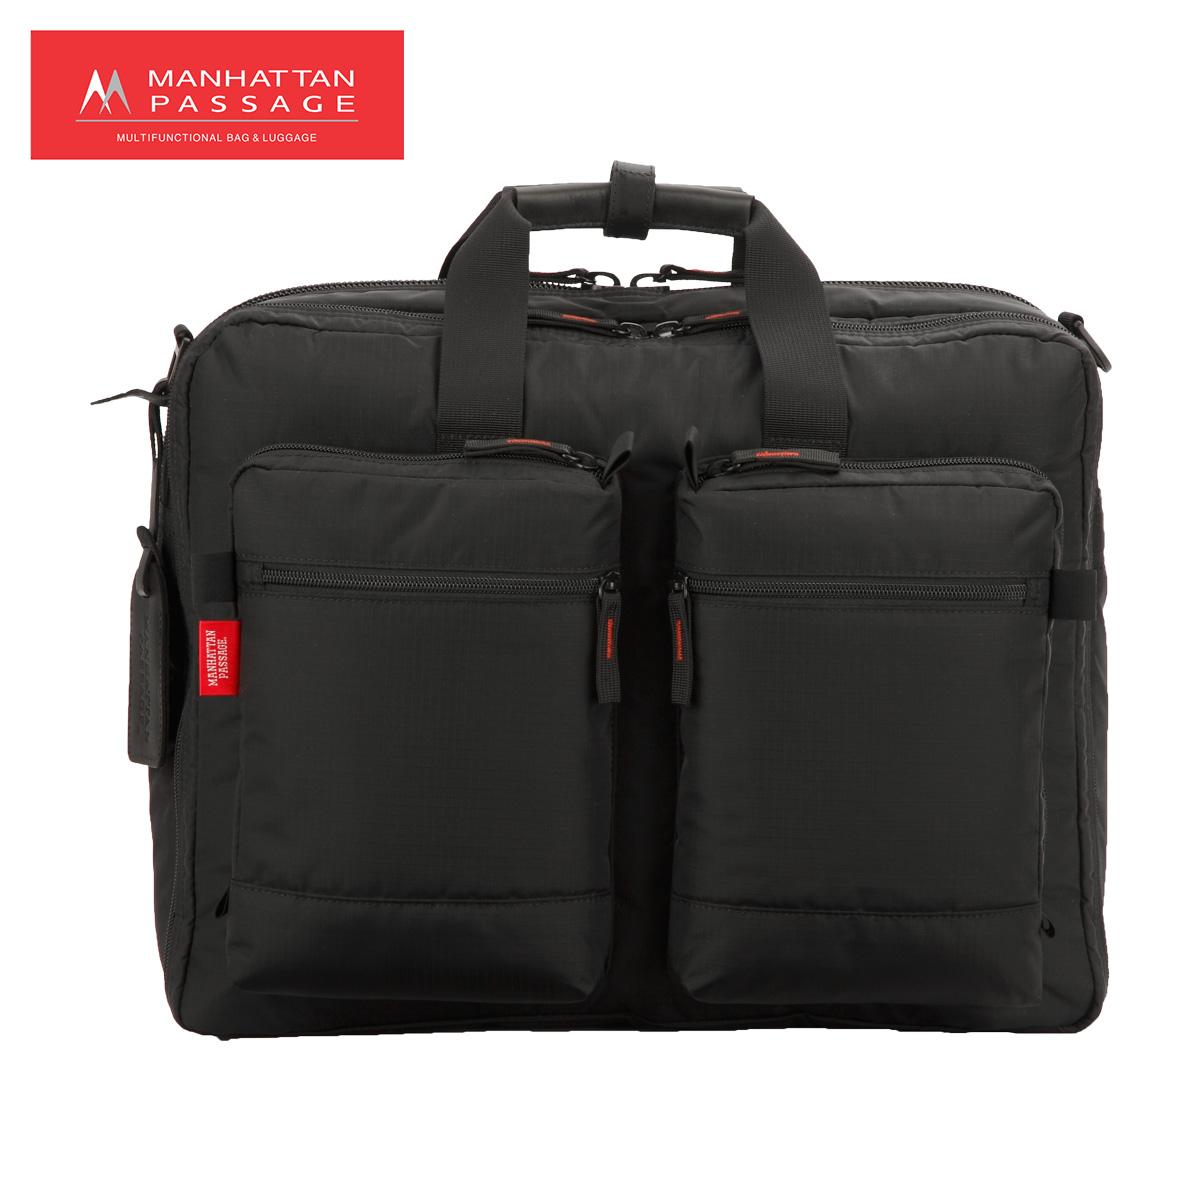 MANHATTAN PASSAGE マンハッタンパッセージ バッグ ショルダーバッグ ビジネスバッグ ブリーフケース メンズ 22L BUSINESS STRIPPER ブラック 黒 2190 [4/10 新入荷]